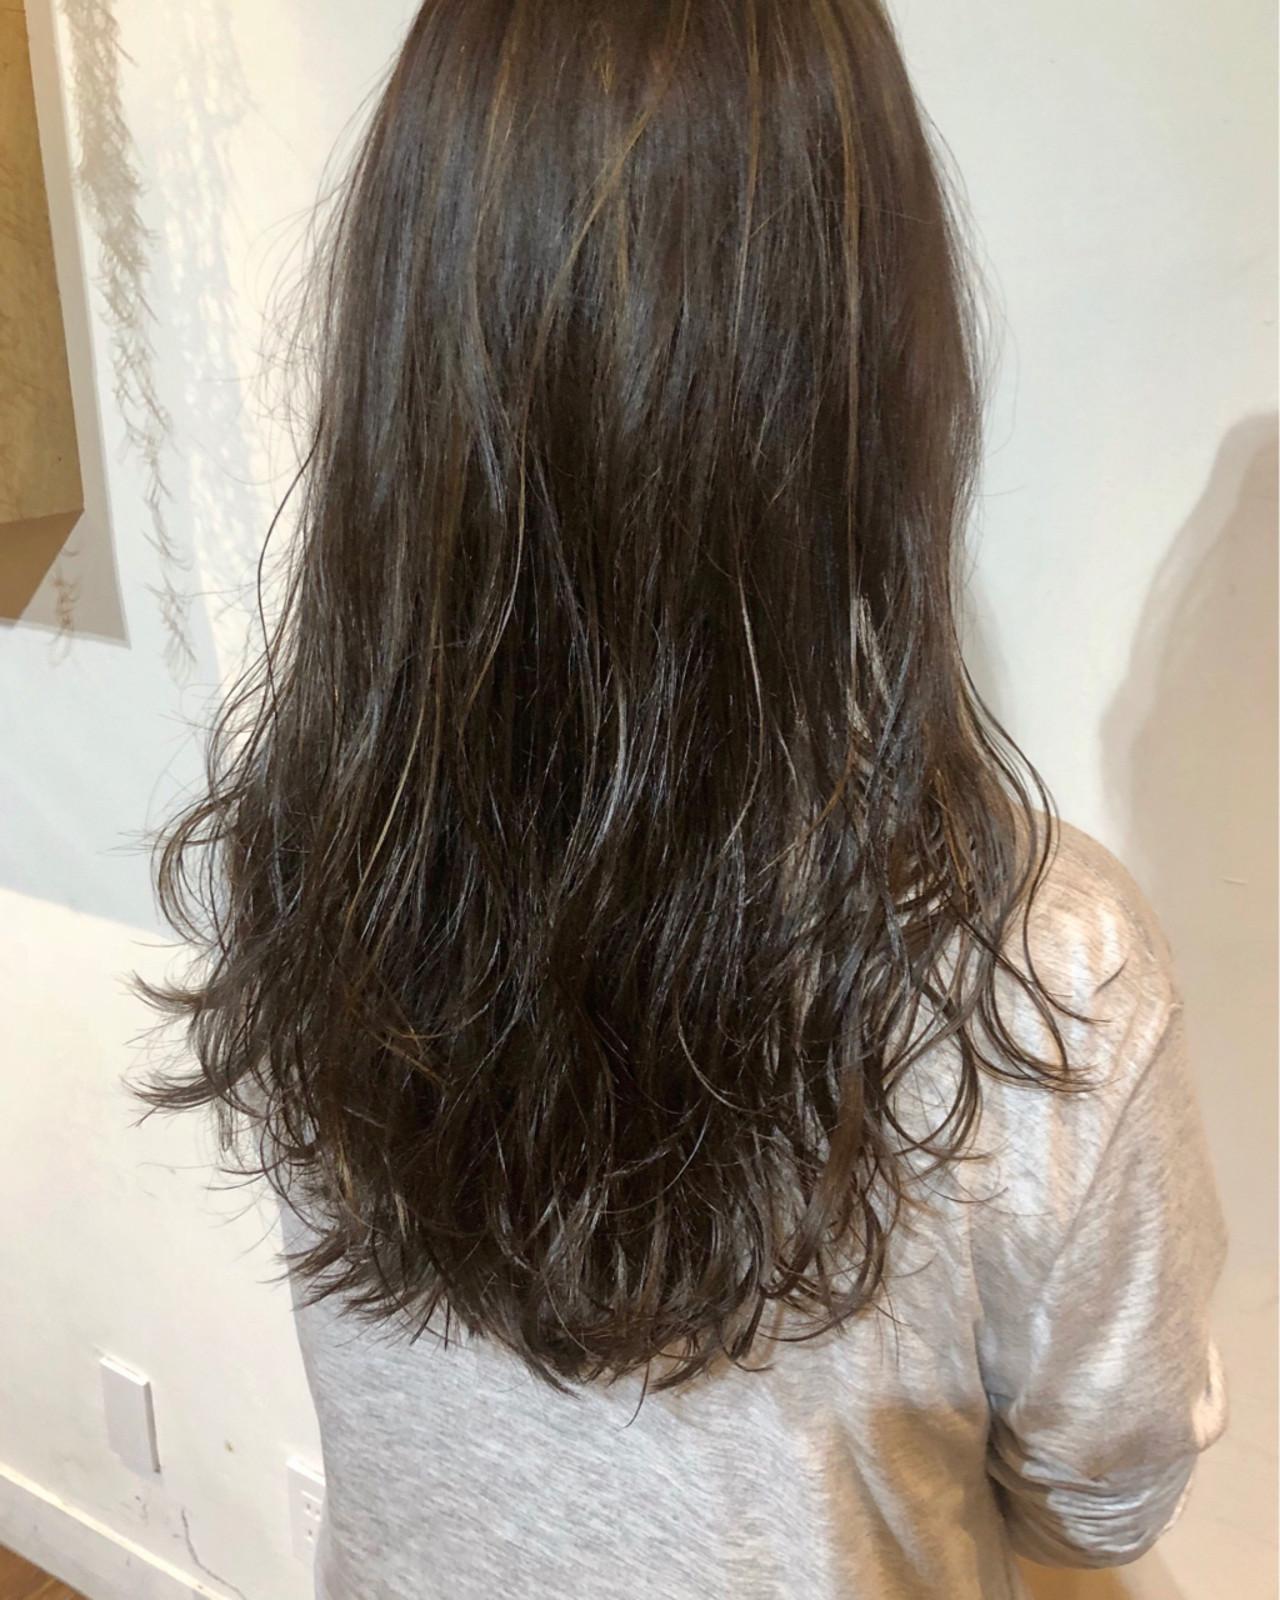 1番モテる髪型に合わせたい!ハイライトブラウン ナカザワ アオク